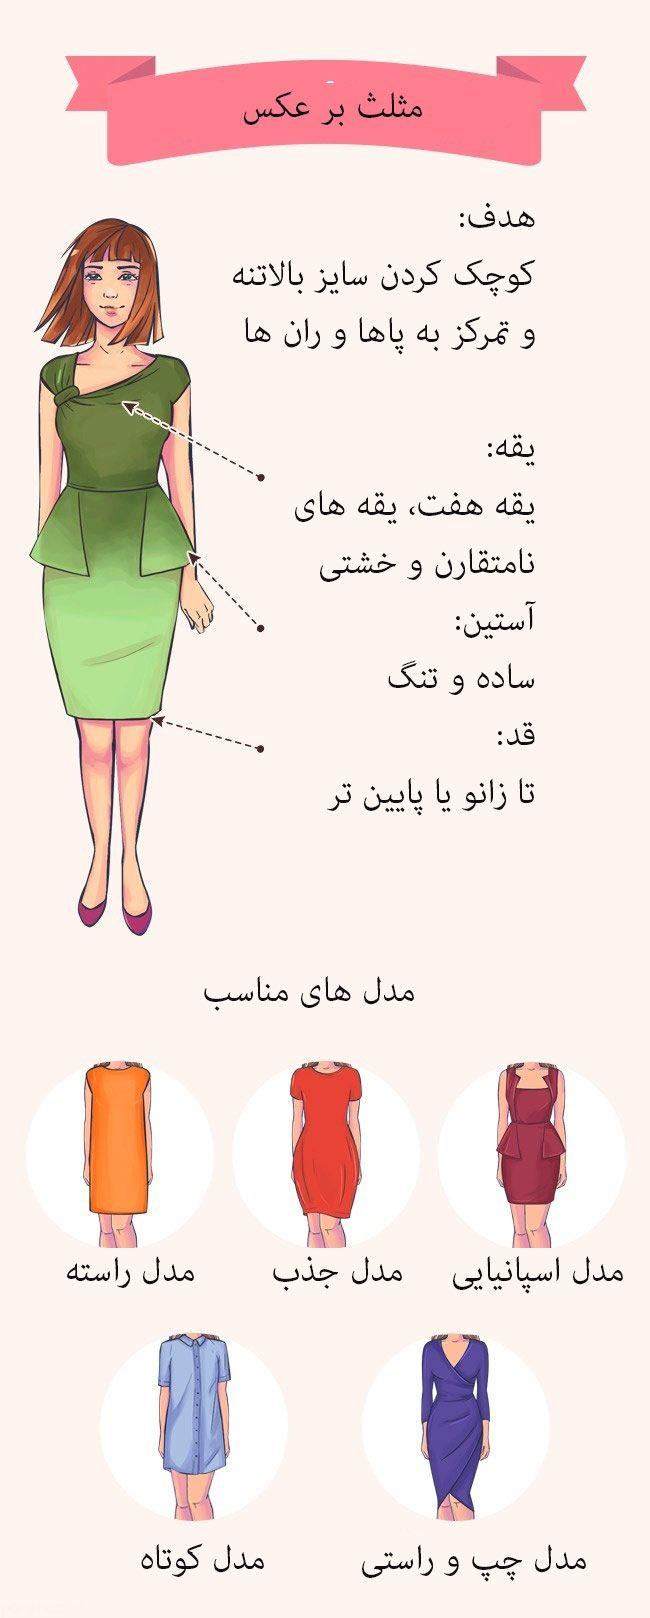 آموزش ست کردن لباس طبق تیپ و استایل بدنی